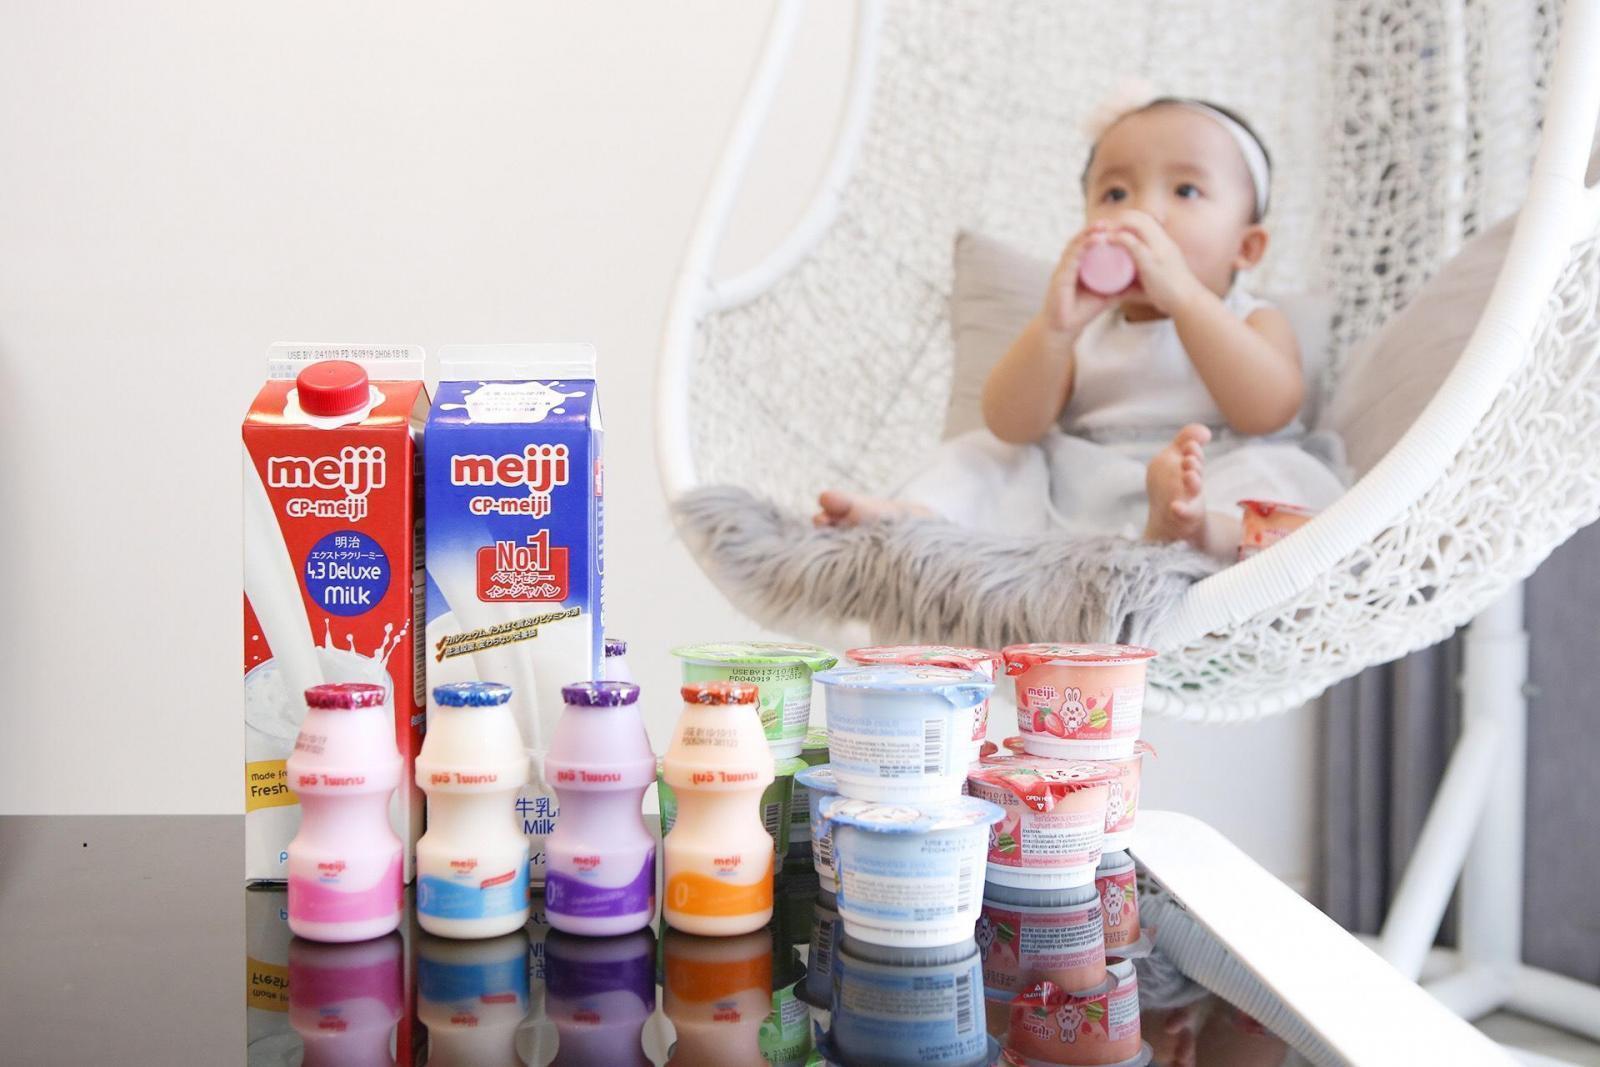 Meiji là thương hiệu nổi tiếng của Nhật Bảnchuyên sản xuất các sản phẩm về sữa